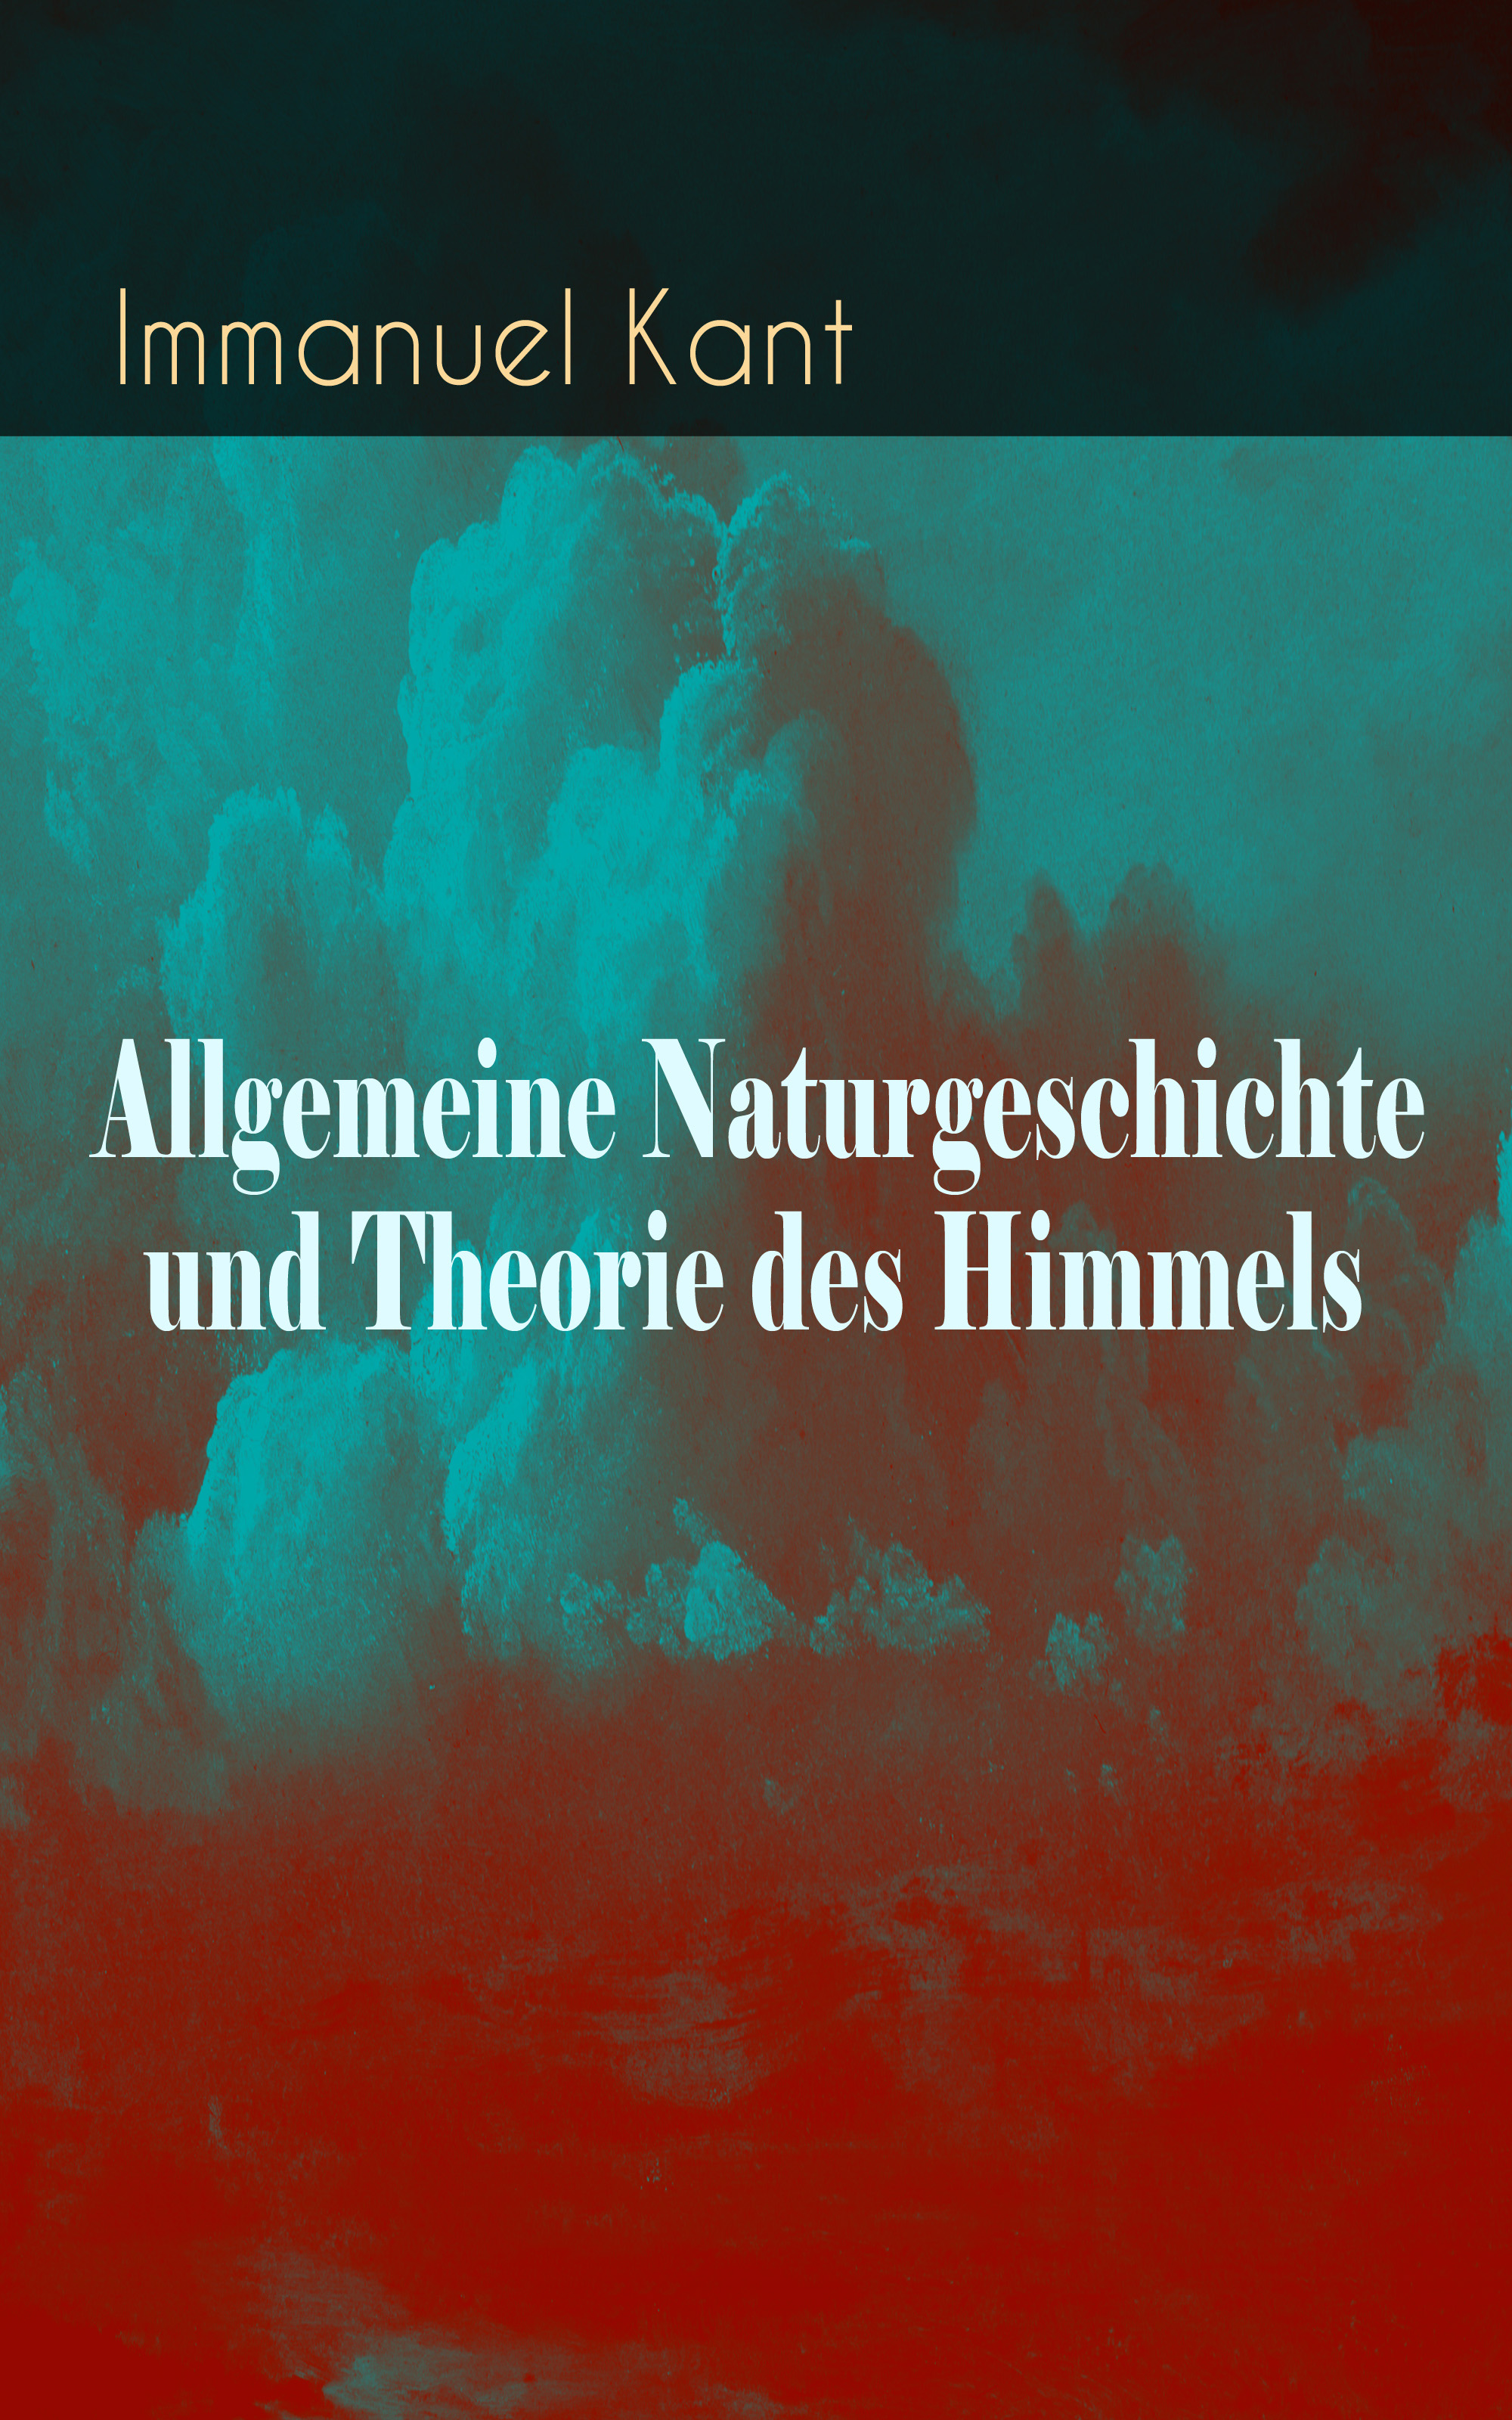 Immanuel Kant Allgemeine Naturgeschichte und Theorie des Himmels кастрюля arcos forza 20 см 2 5л арт 712200